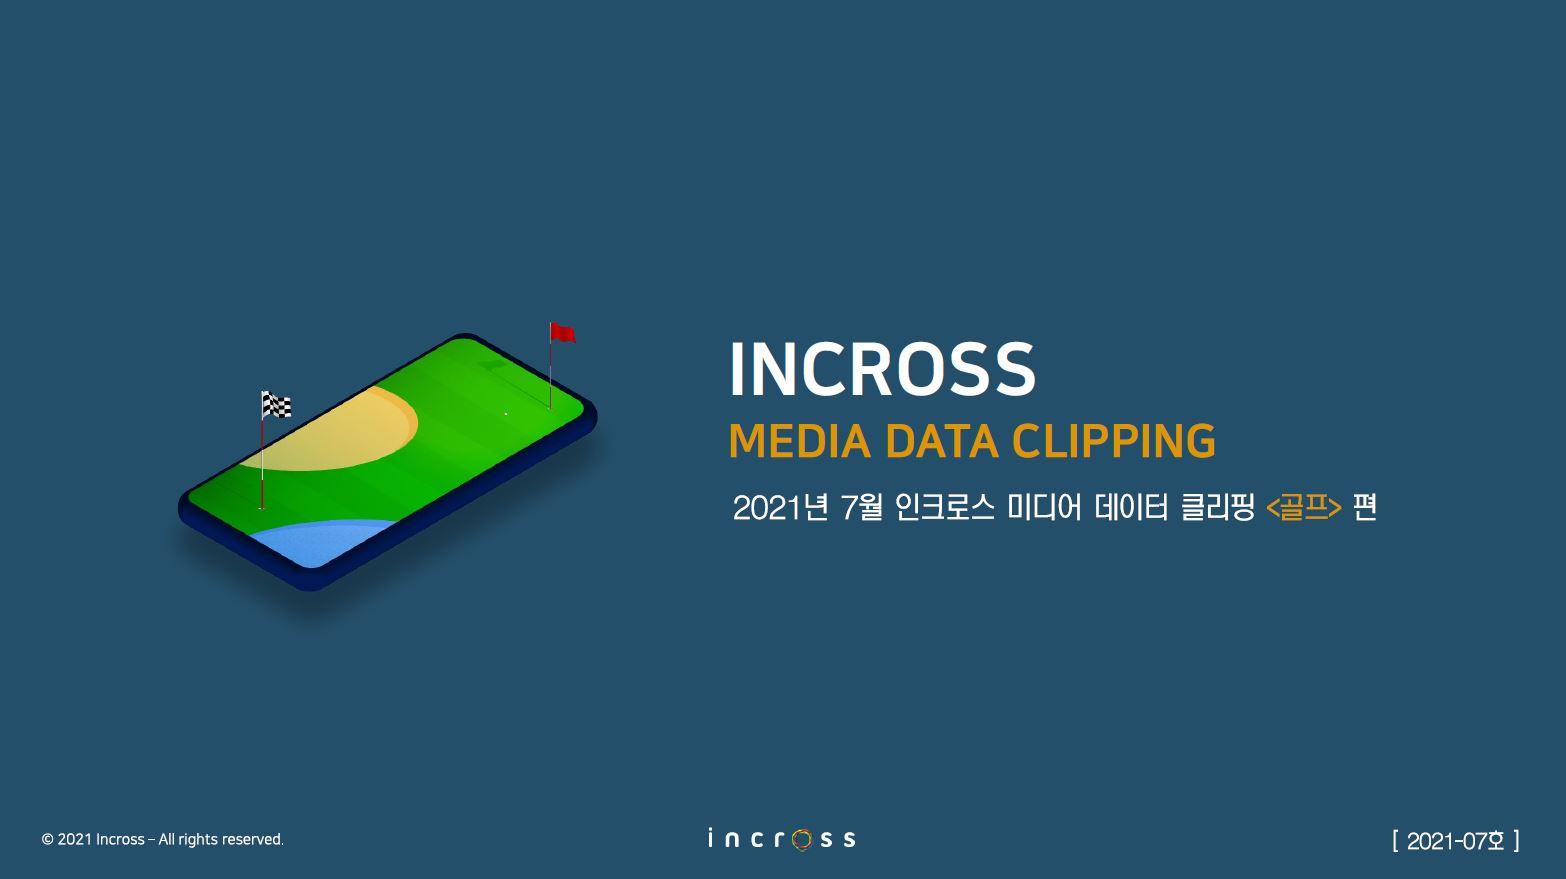 인크로스 미디어 데이터 클리핑_골프.JPG